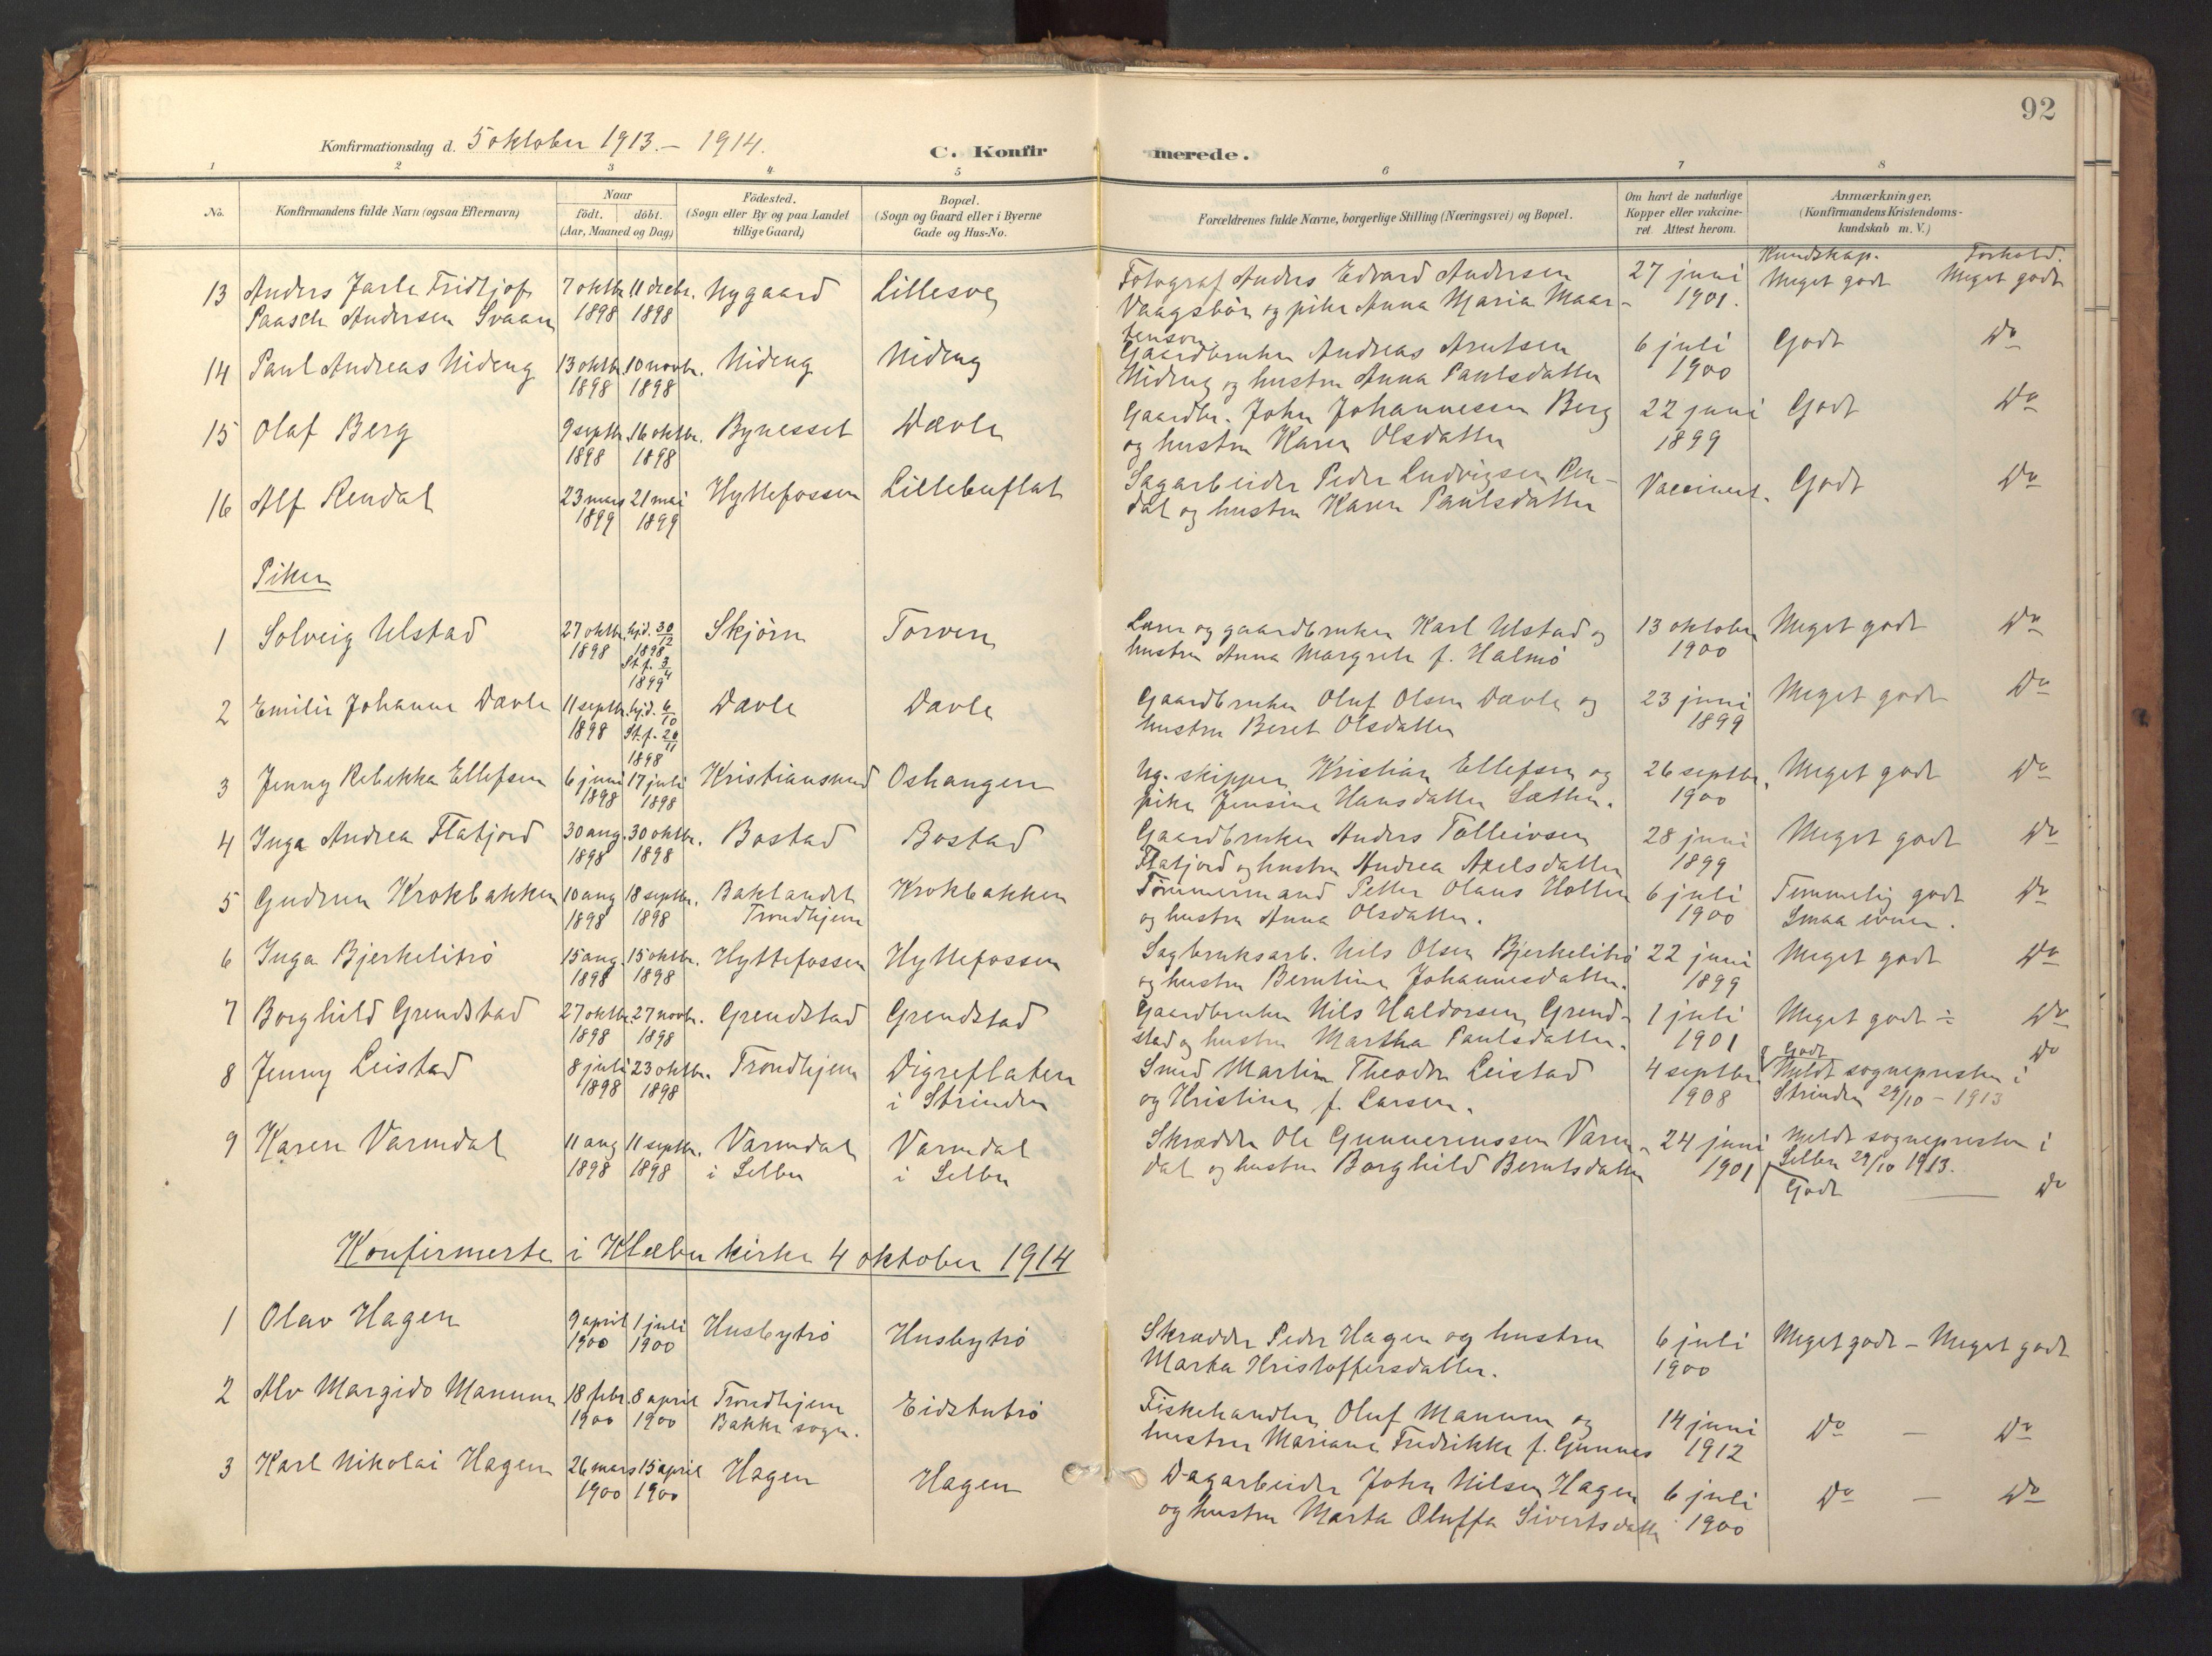 SAT, Ministerialprotokoller, klokkerbøker og fødselsregistre - Sør-Trøndelag, 618/L0448: Ministerialbok nr. 618A11, 1898-1916, s. 92